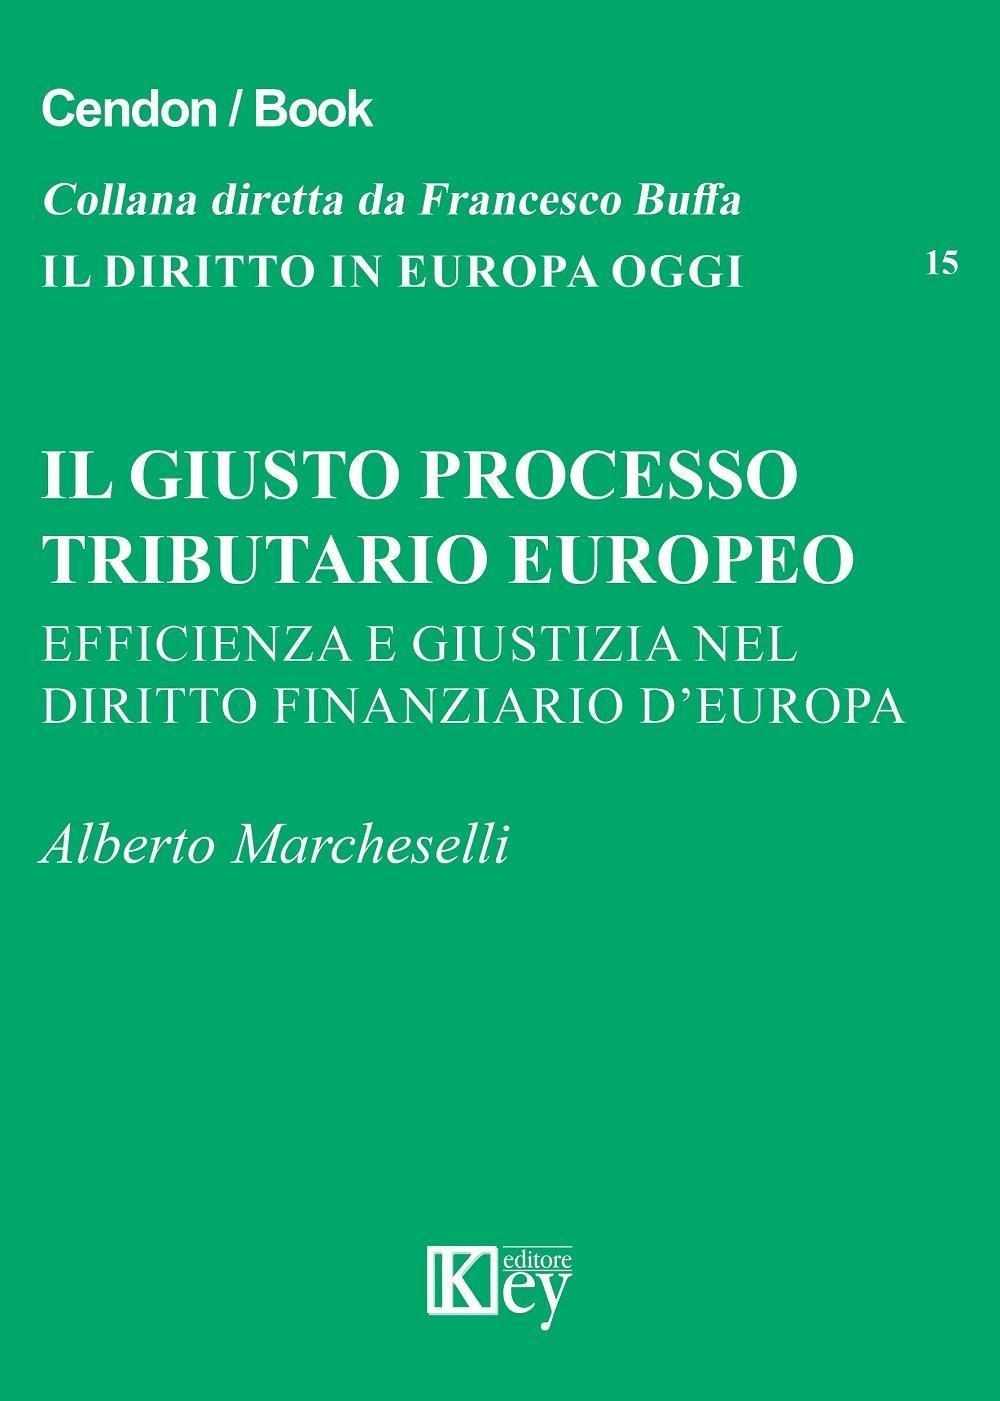 Il giusto processo tributario europeo. Efficienza e giustizia nel diritto finanziario d'Europa